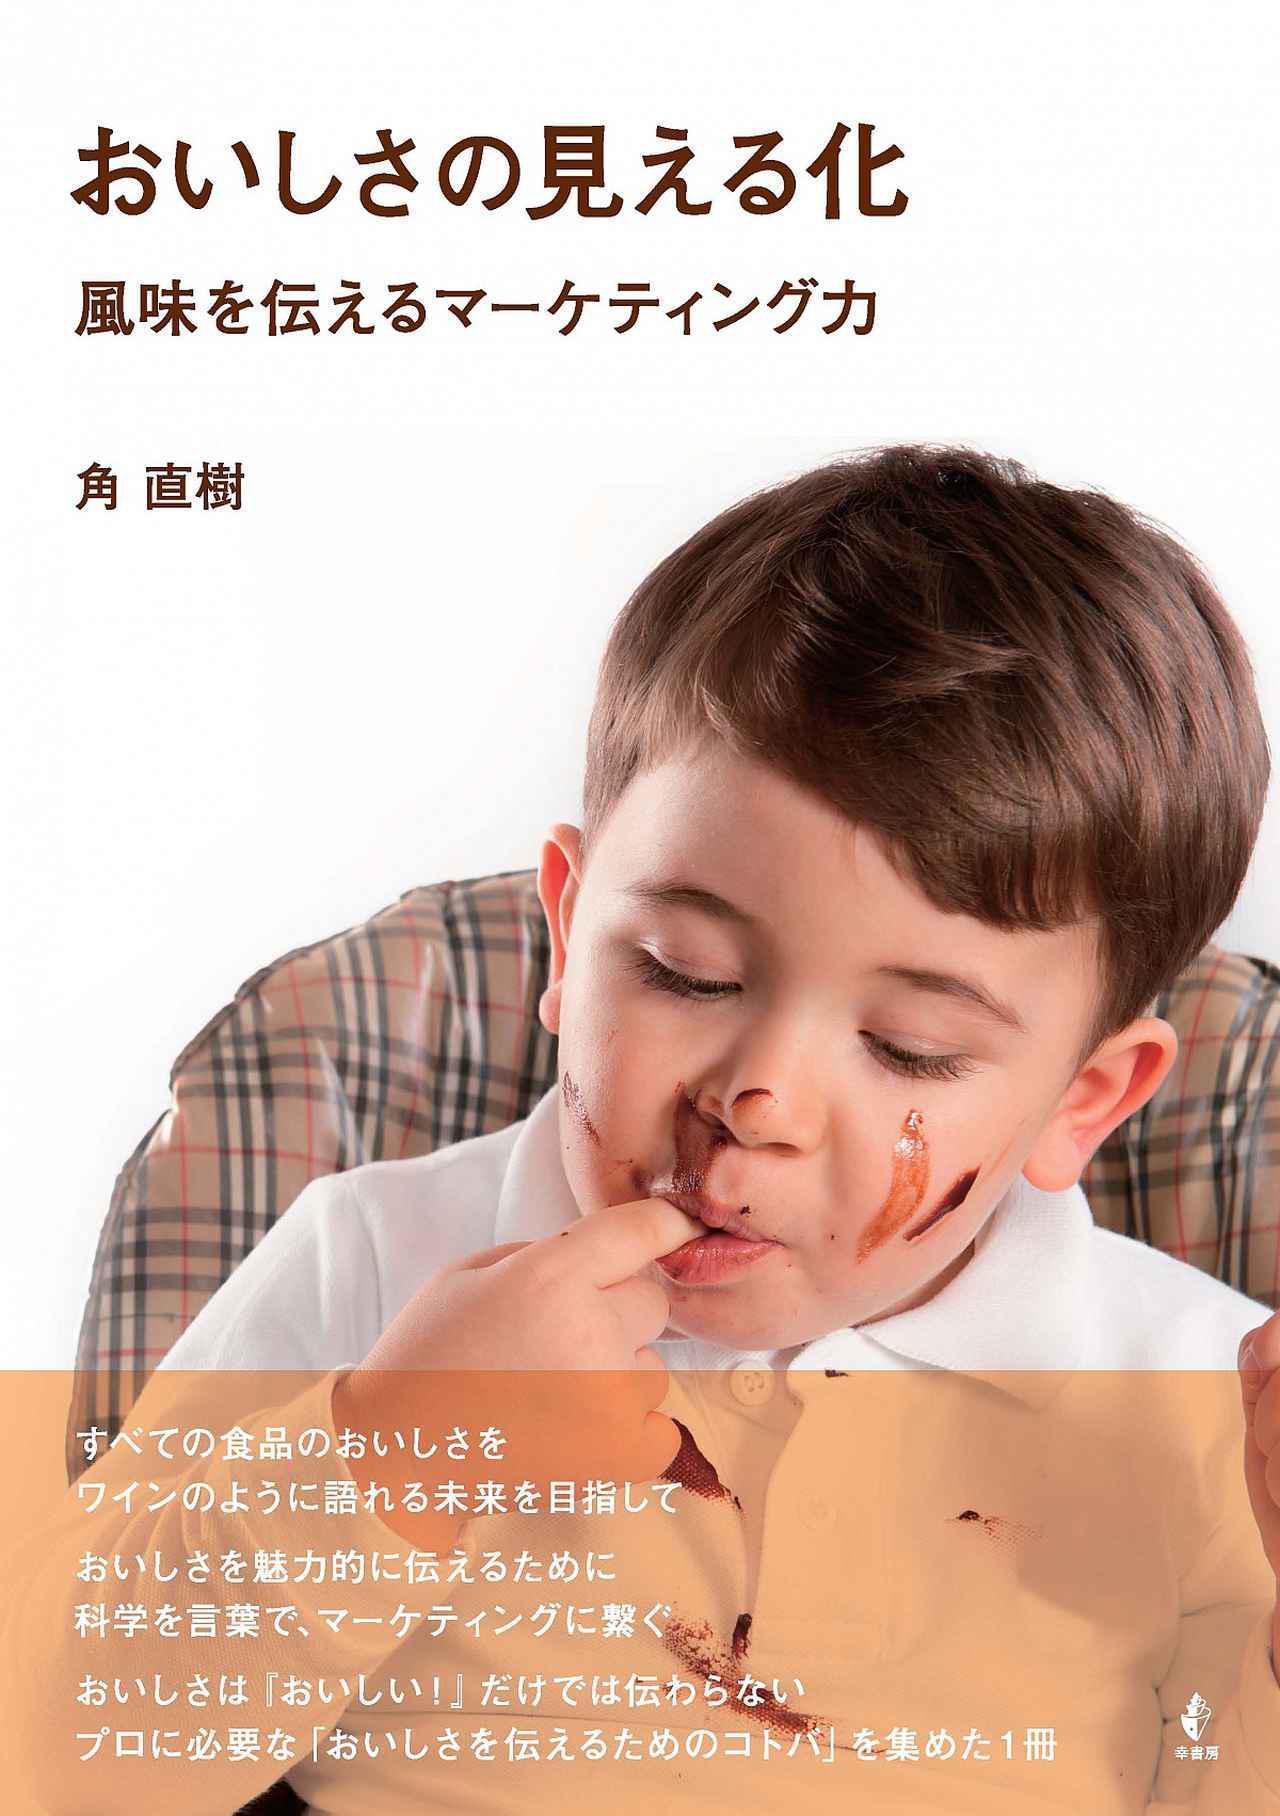 画像: 『おいしさの見える化 風味を伝えるマーケティング力』〜WK Library お勧めブックガイド〜